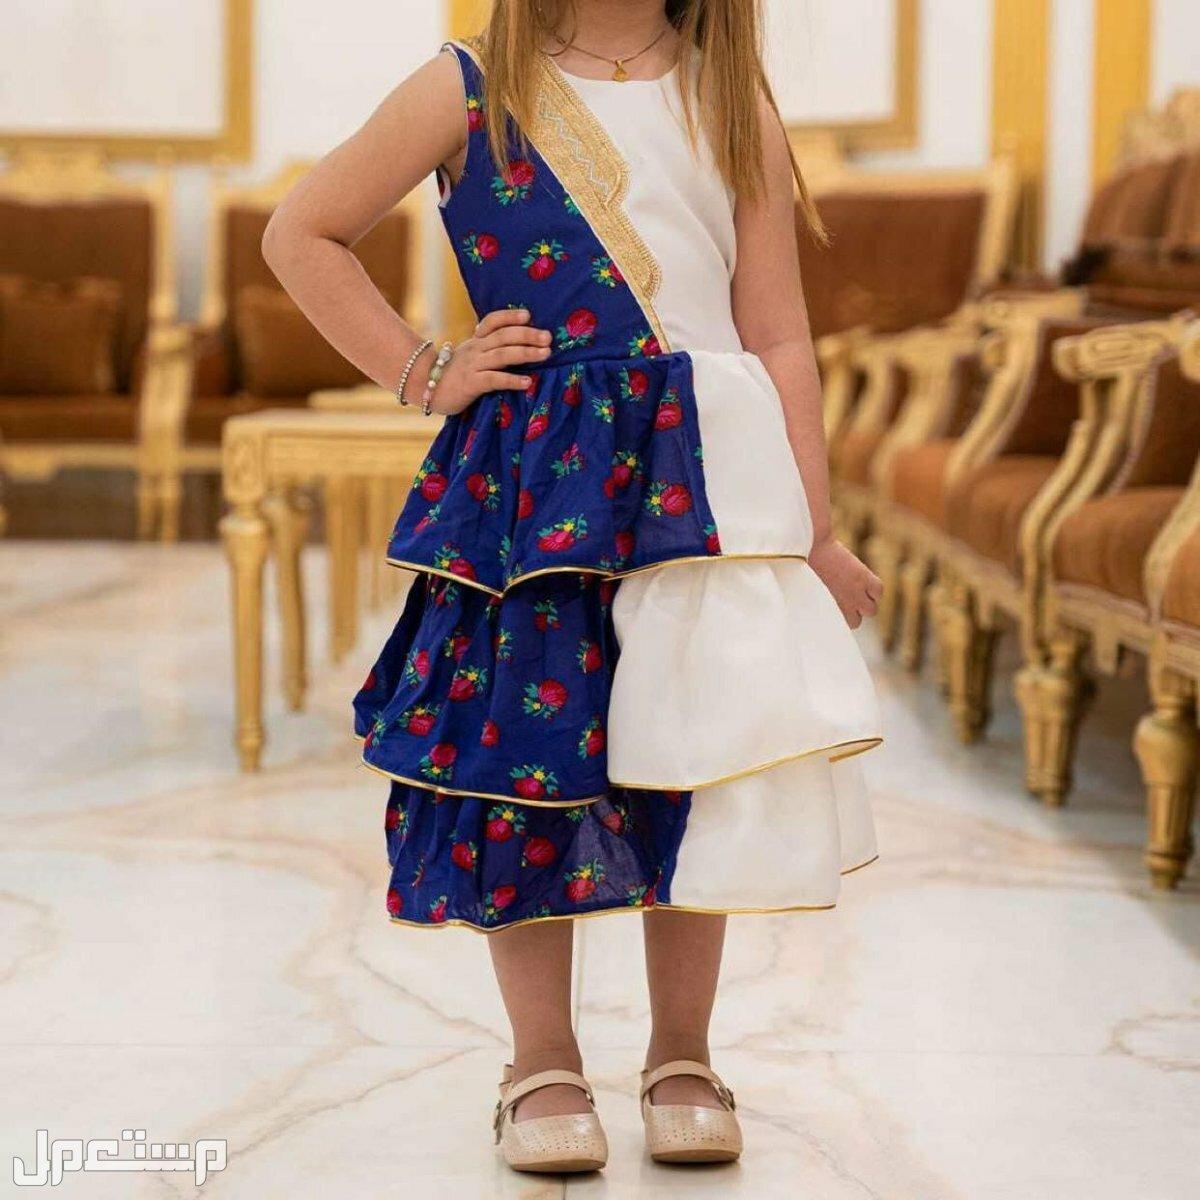 فستان الام وبنتها مع تطريز الاسم حسب الطلب # يوجد توصيل لكافة المدن